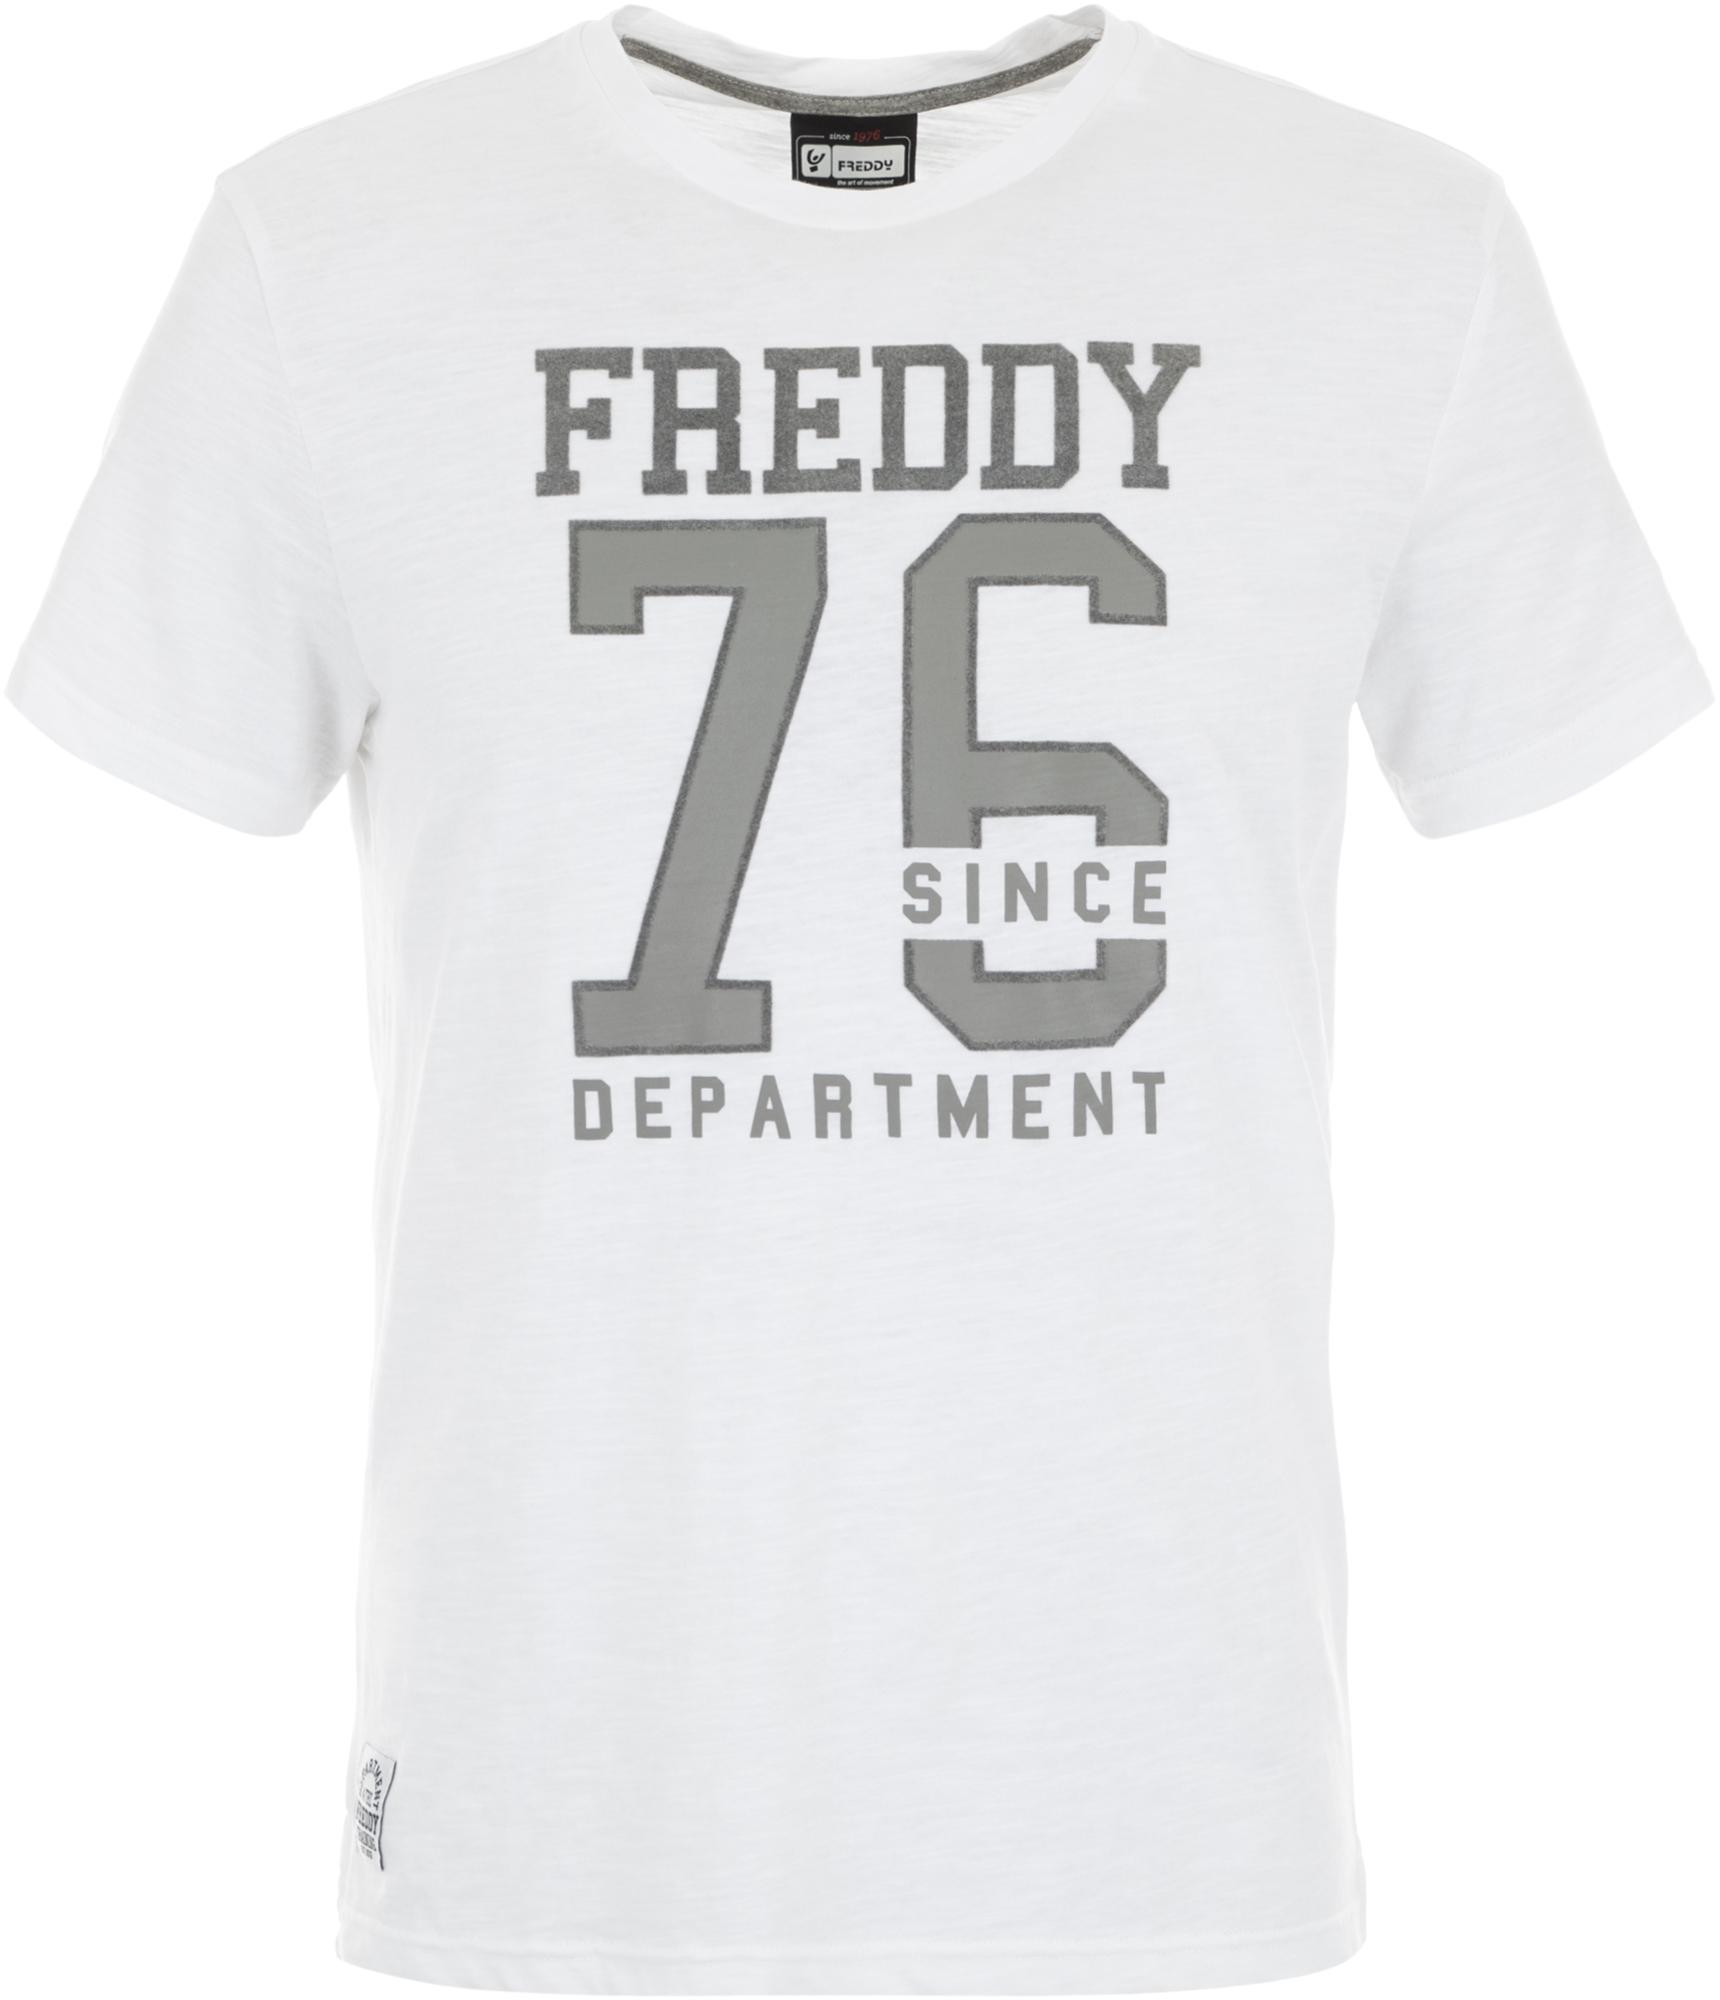 Freddy Футболка мужская Freddy Training, размер 52-54 freddy обувь для танцев